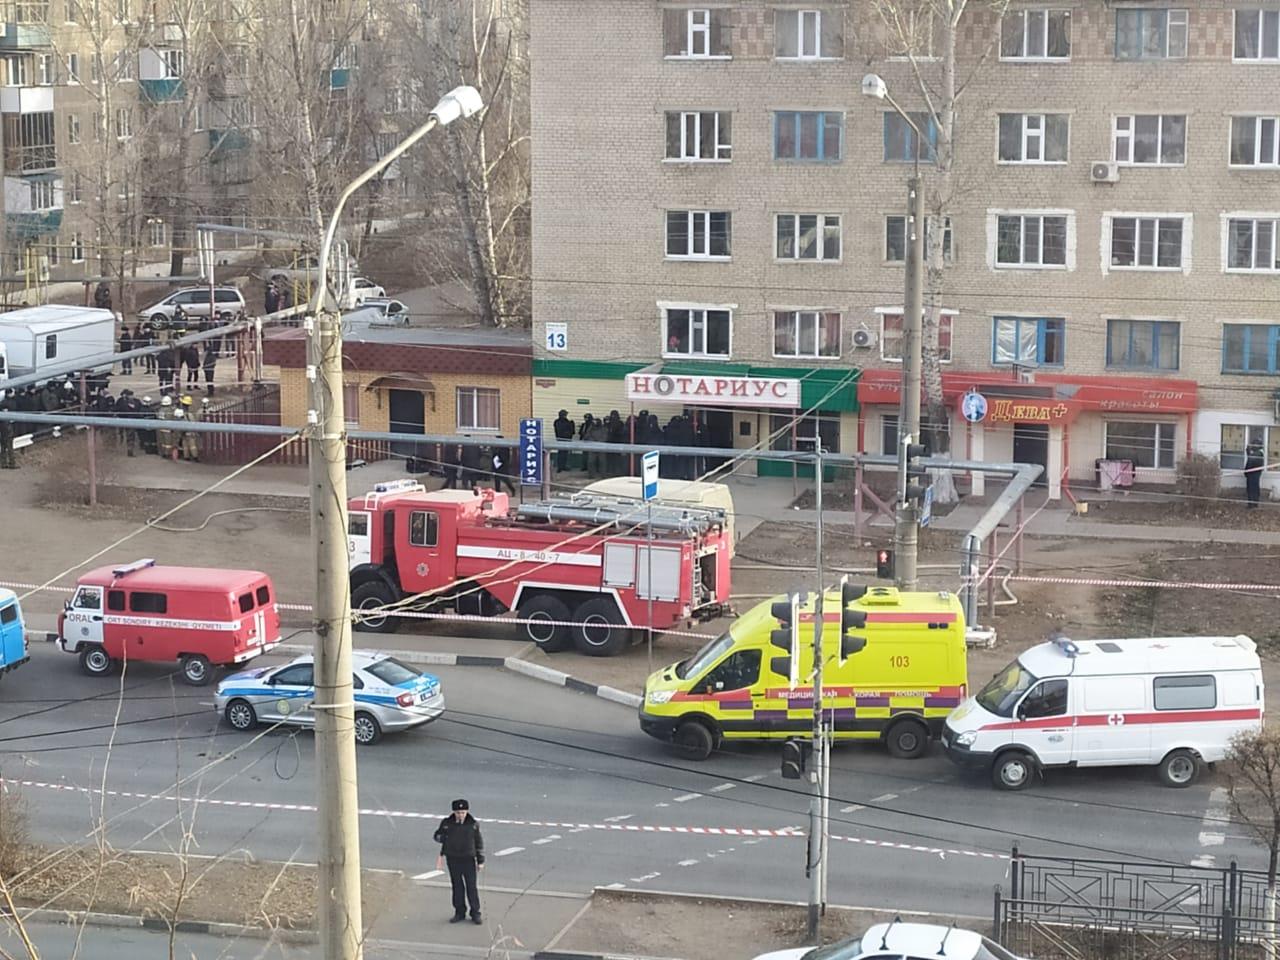 Захват заложницы в Уральске: мужчина подозревается в изнасиловании